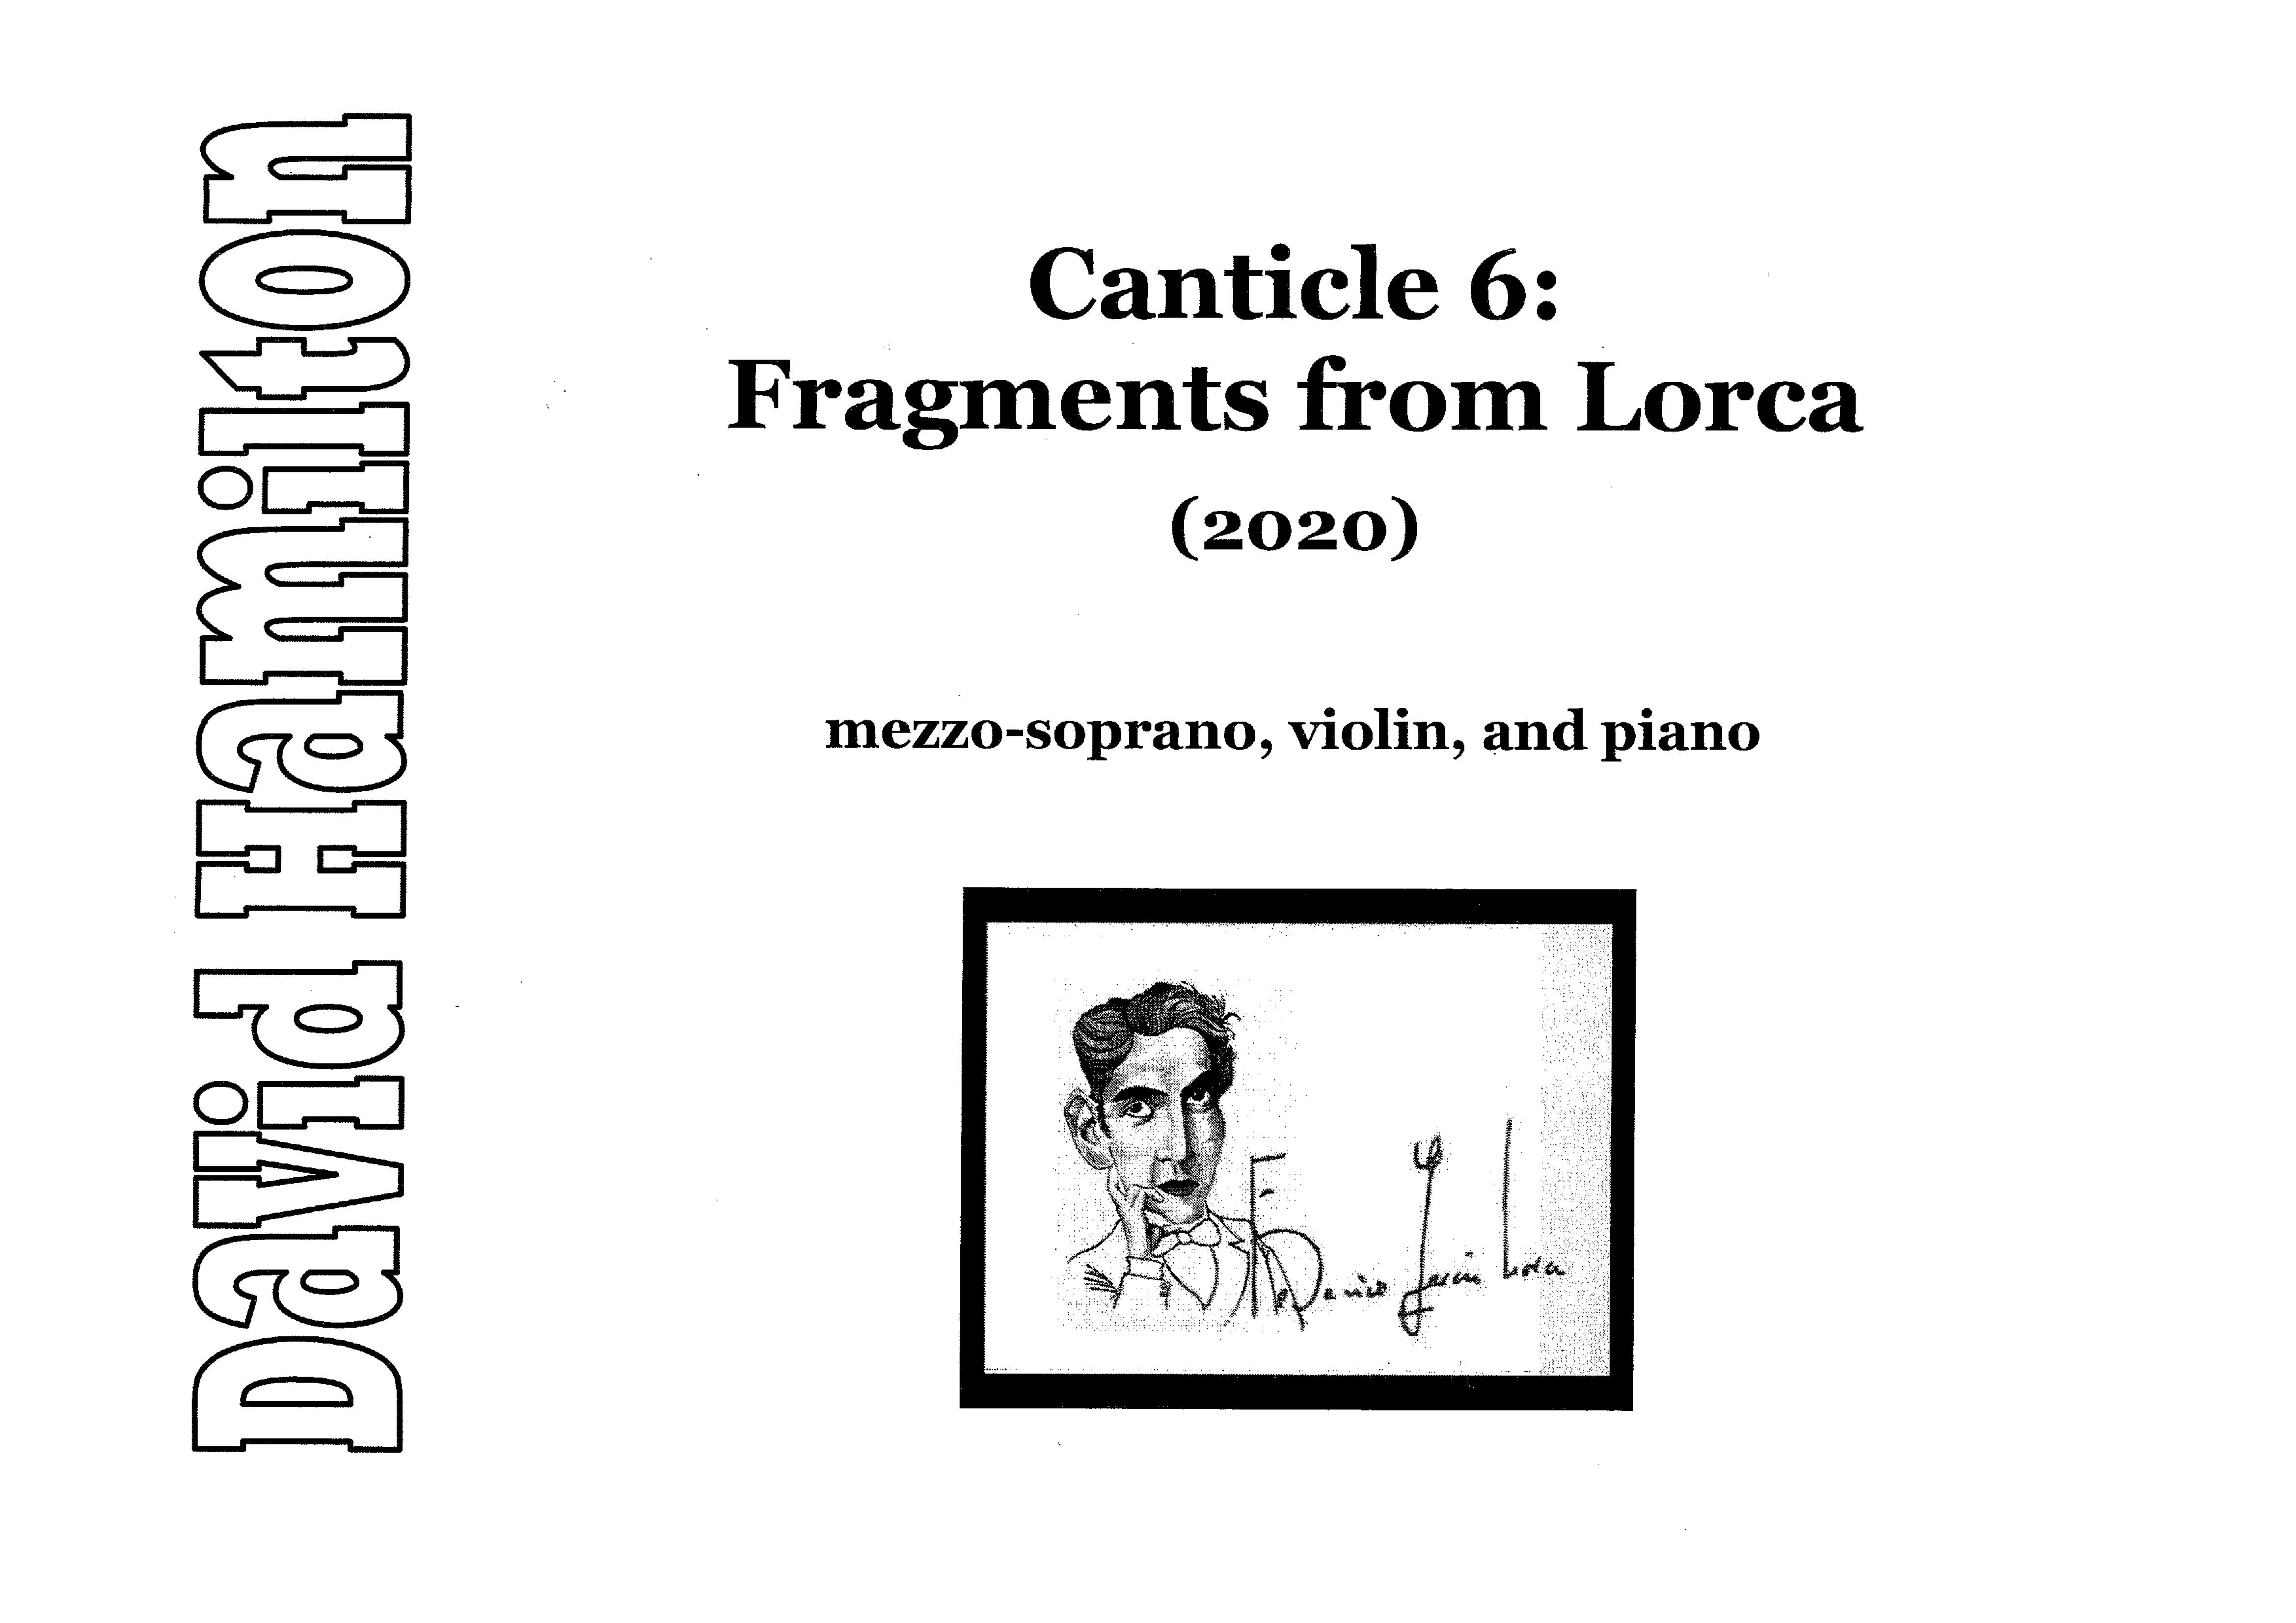 David Hamilton: Canticle 6: Fragments from Lorca — hardcopy SCORE